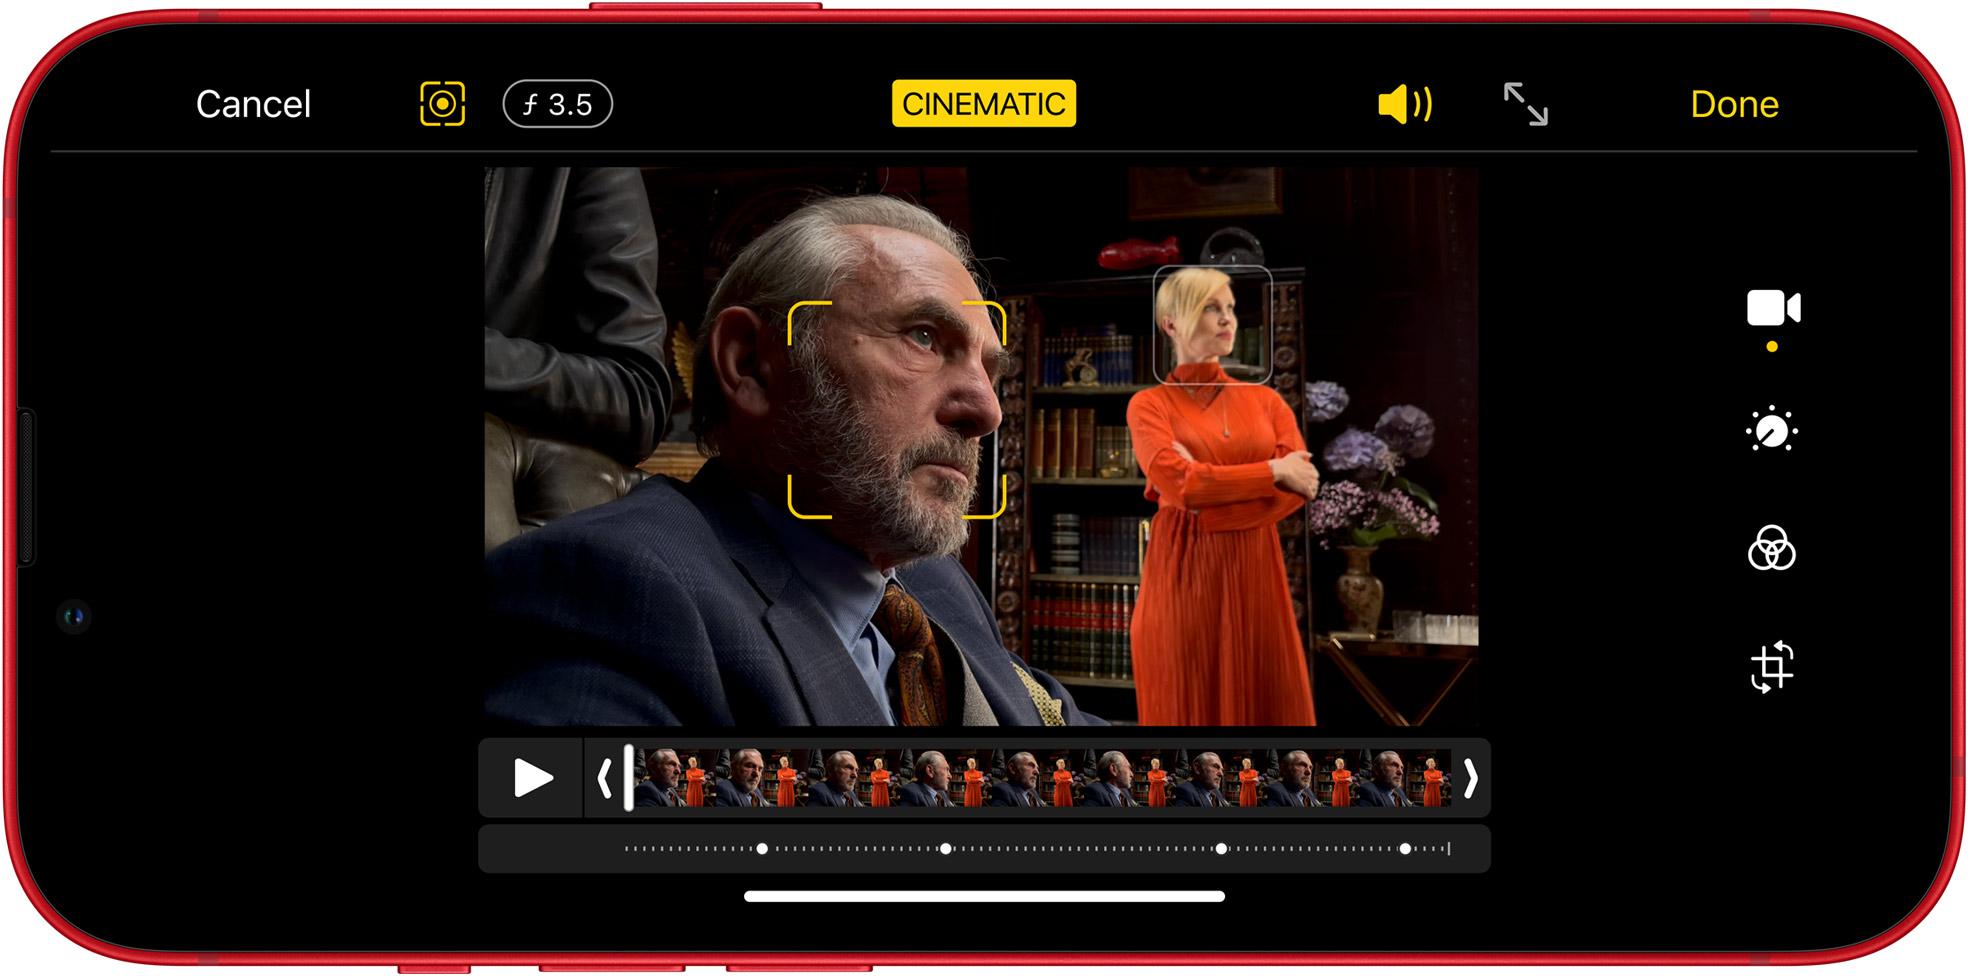 Grabación de vídeo cinemático en el iPhone